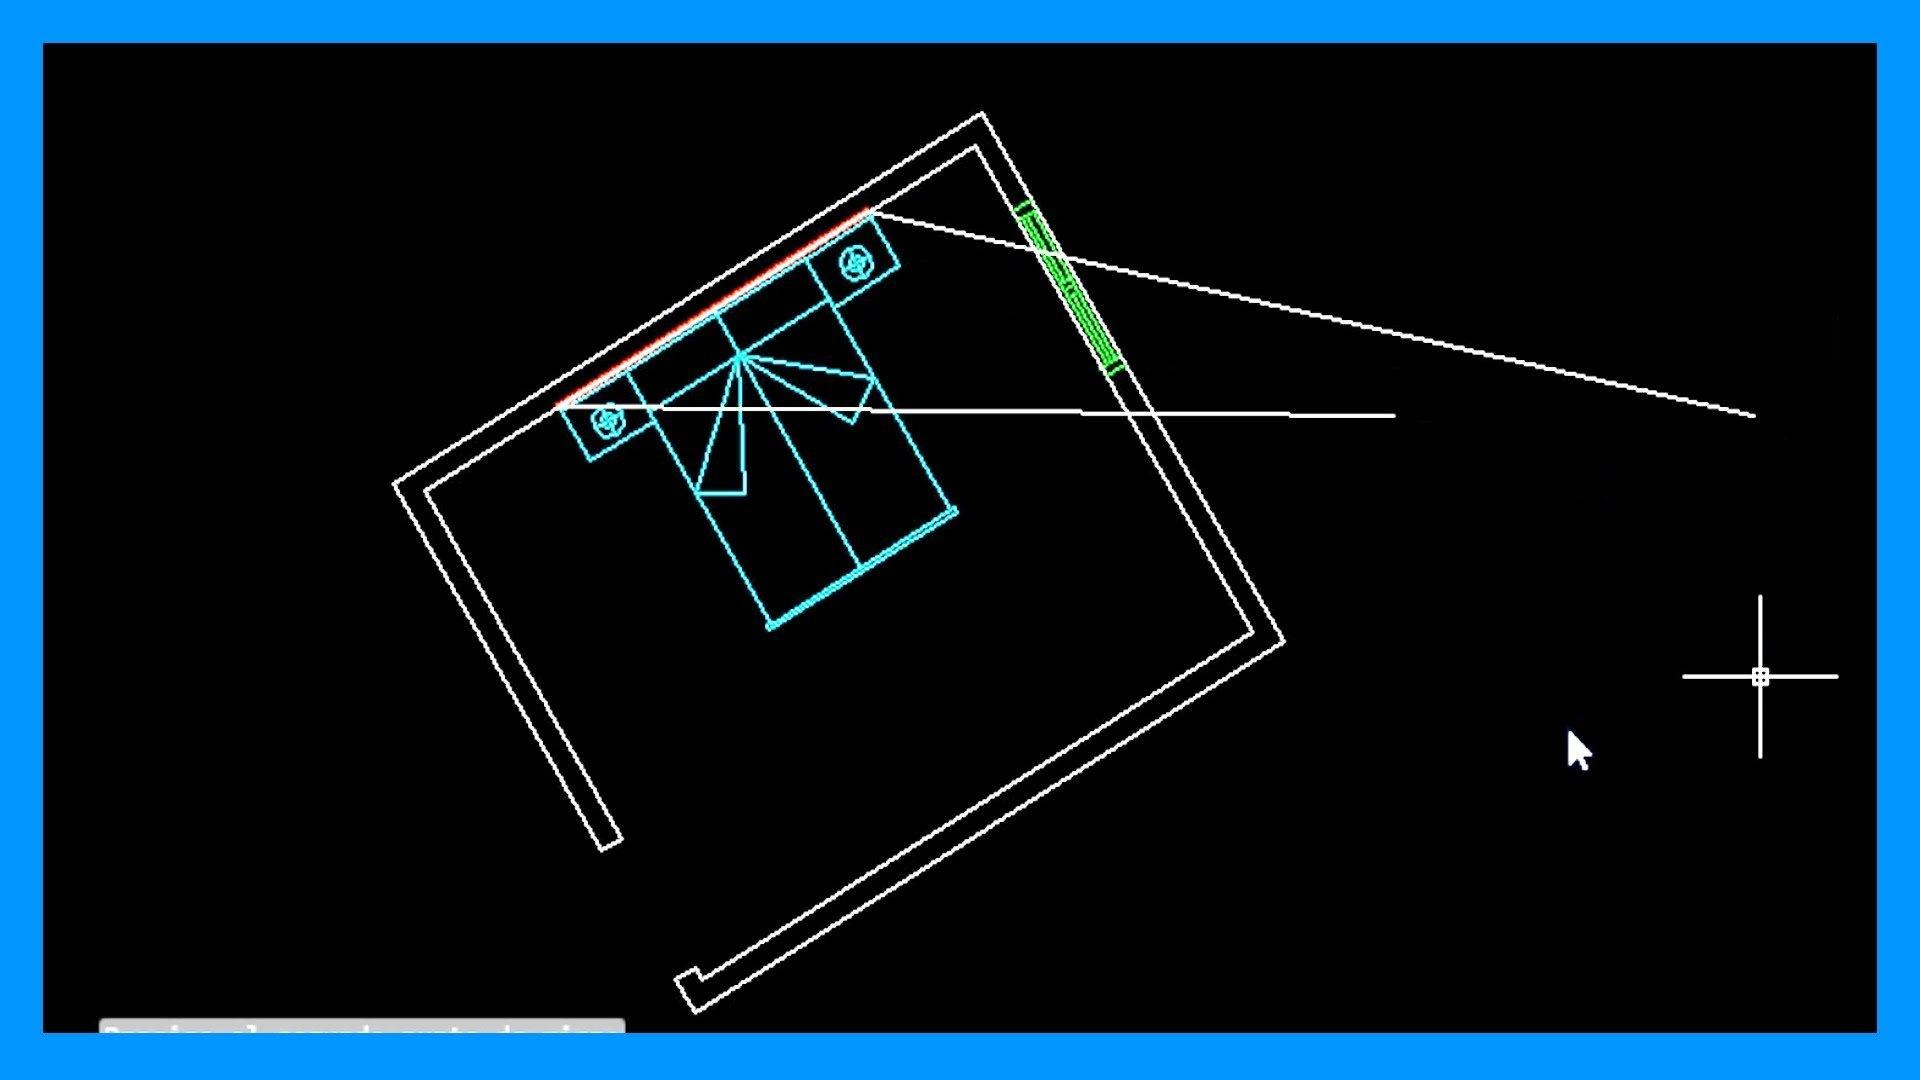 Alinear en Autocad. Alinear objeto respecto de una línea.